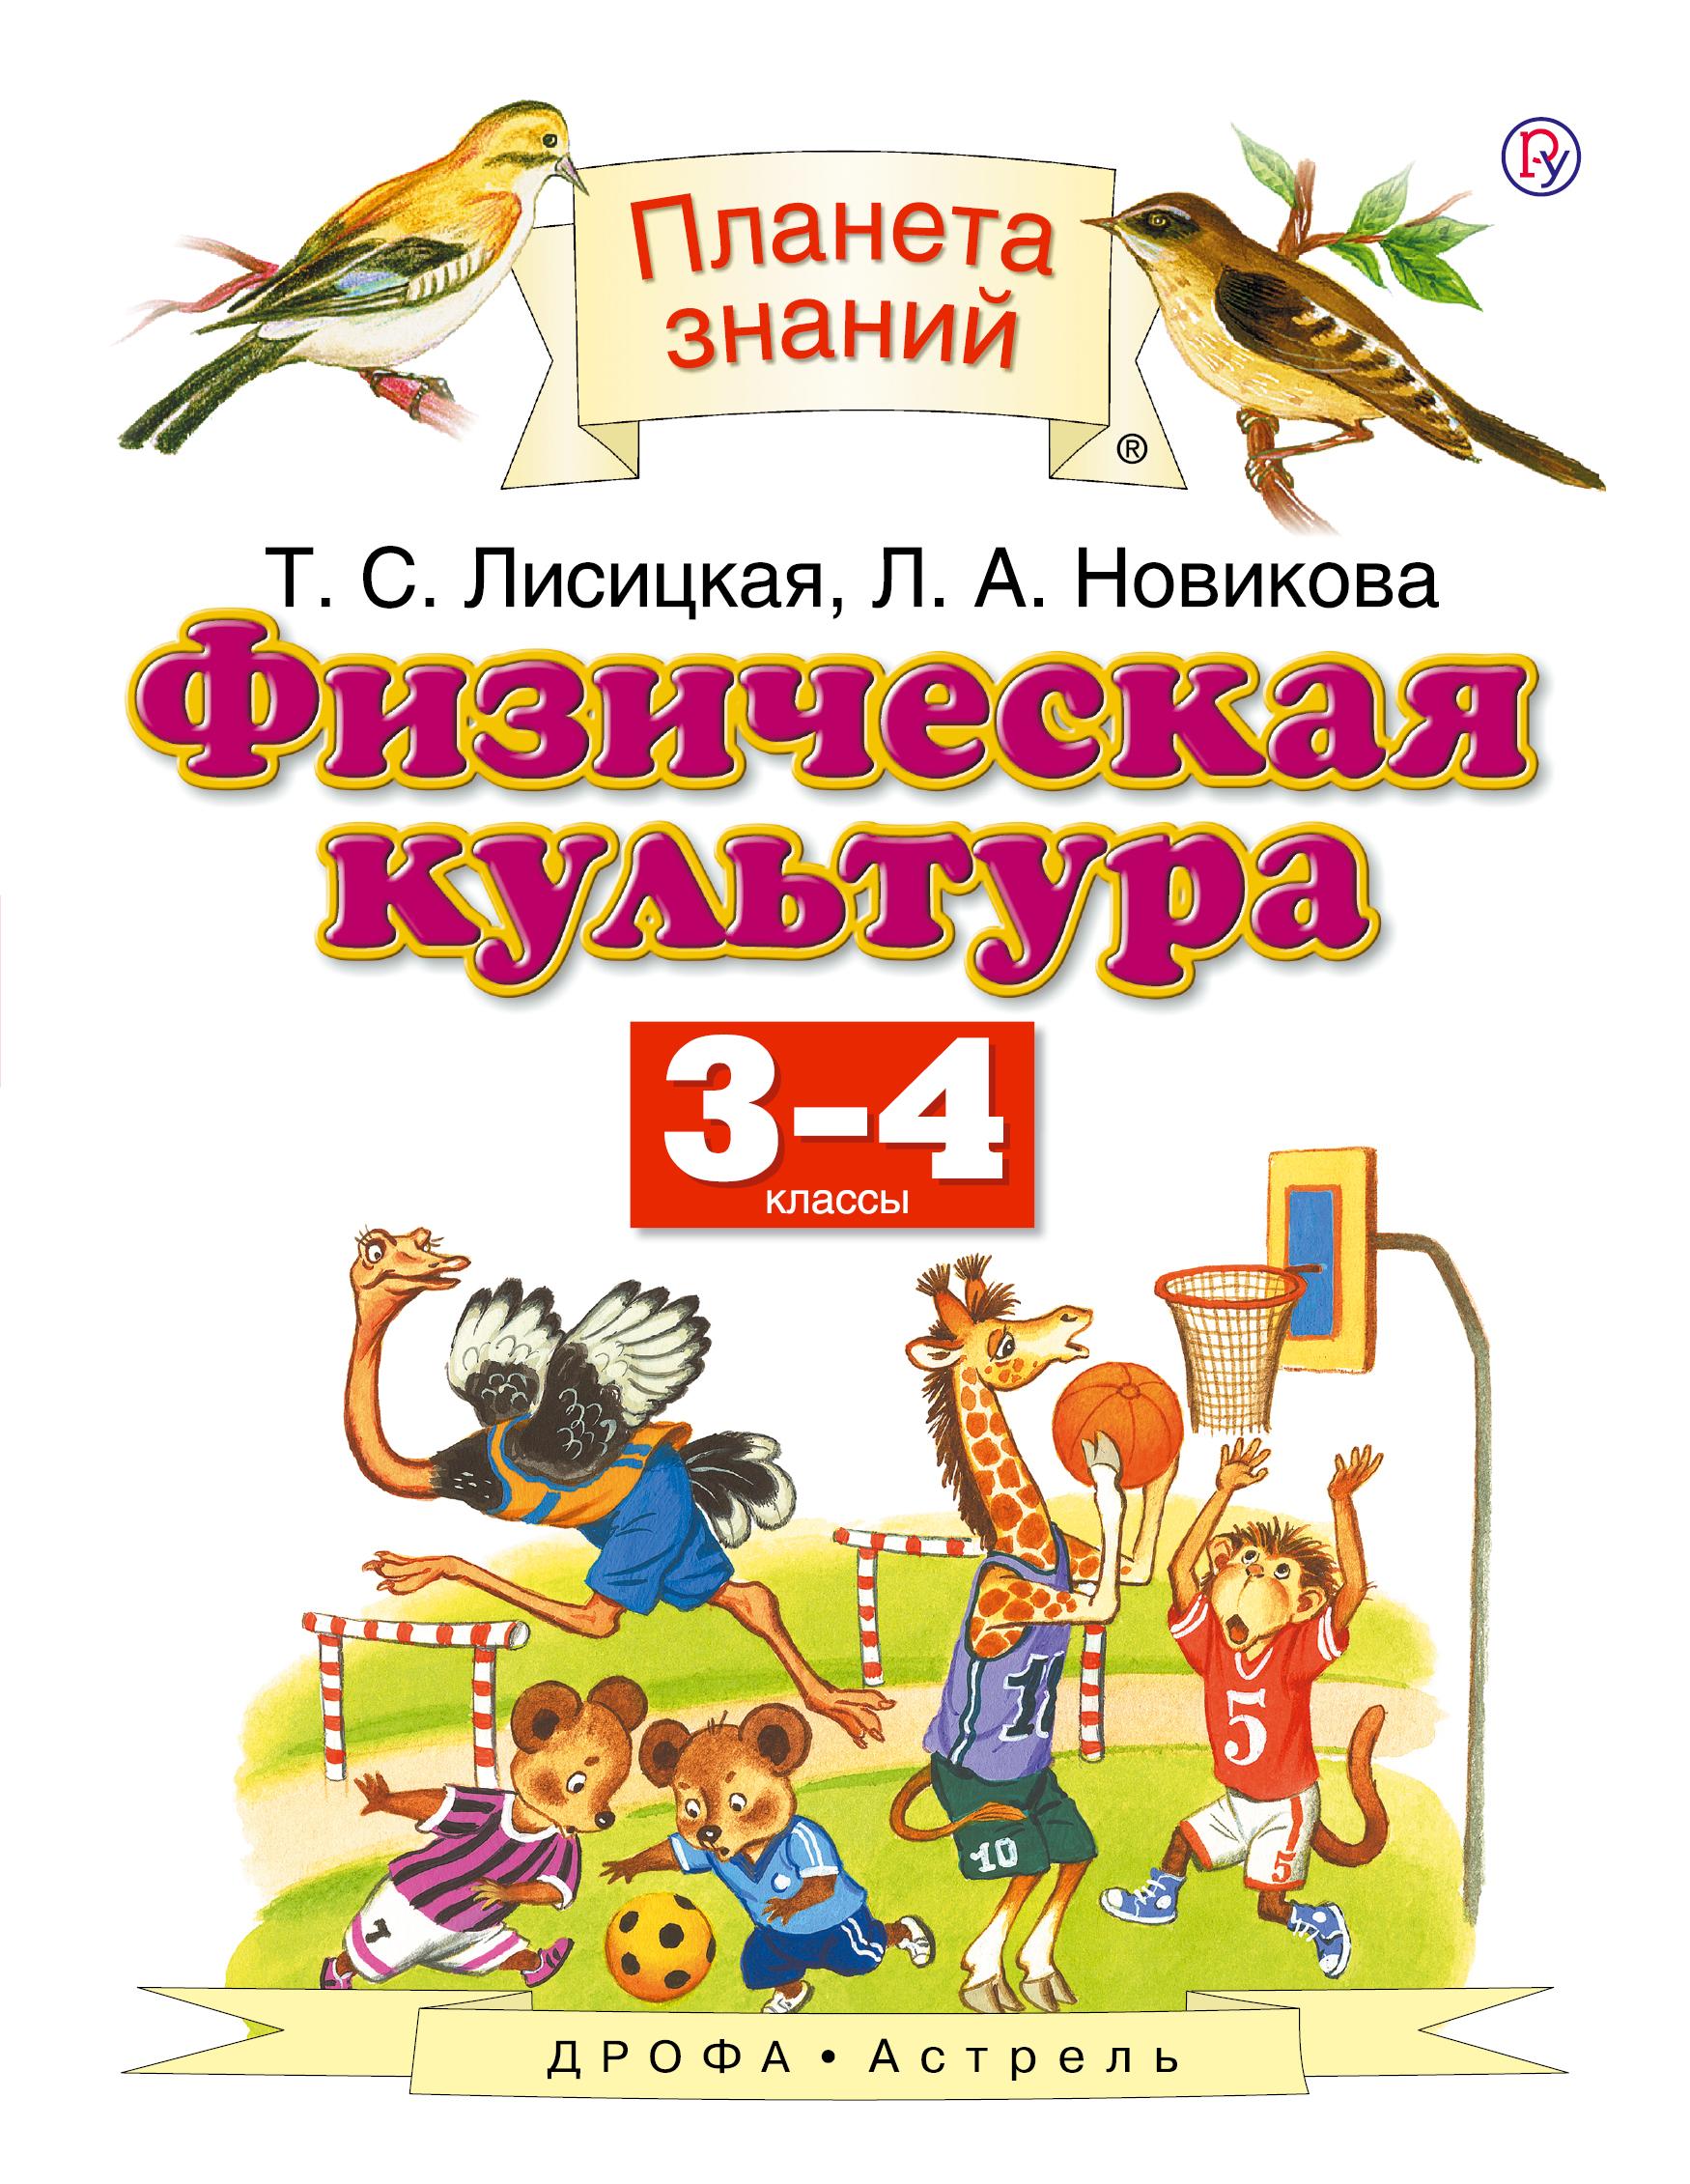 Т. С. Лисицкая, Л. А. Новикова Физическая культура. 3-4 классы. Учебник ISBN: 978-5-358-21196-4